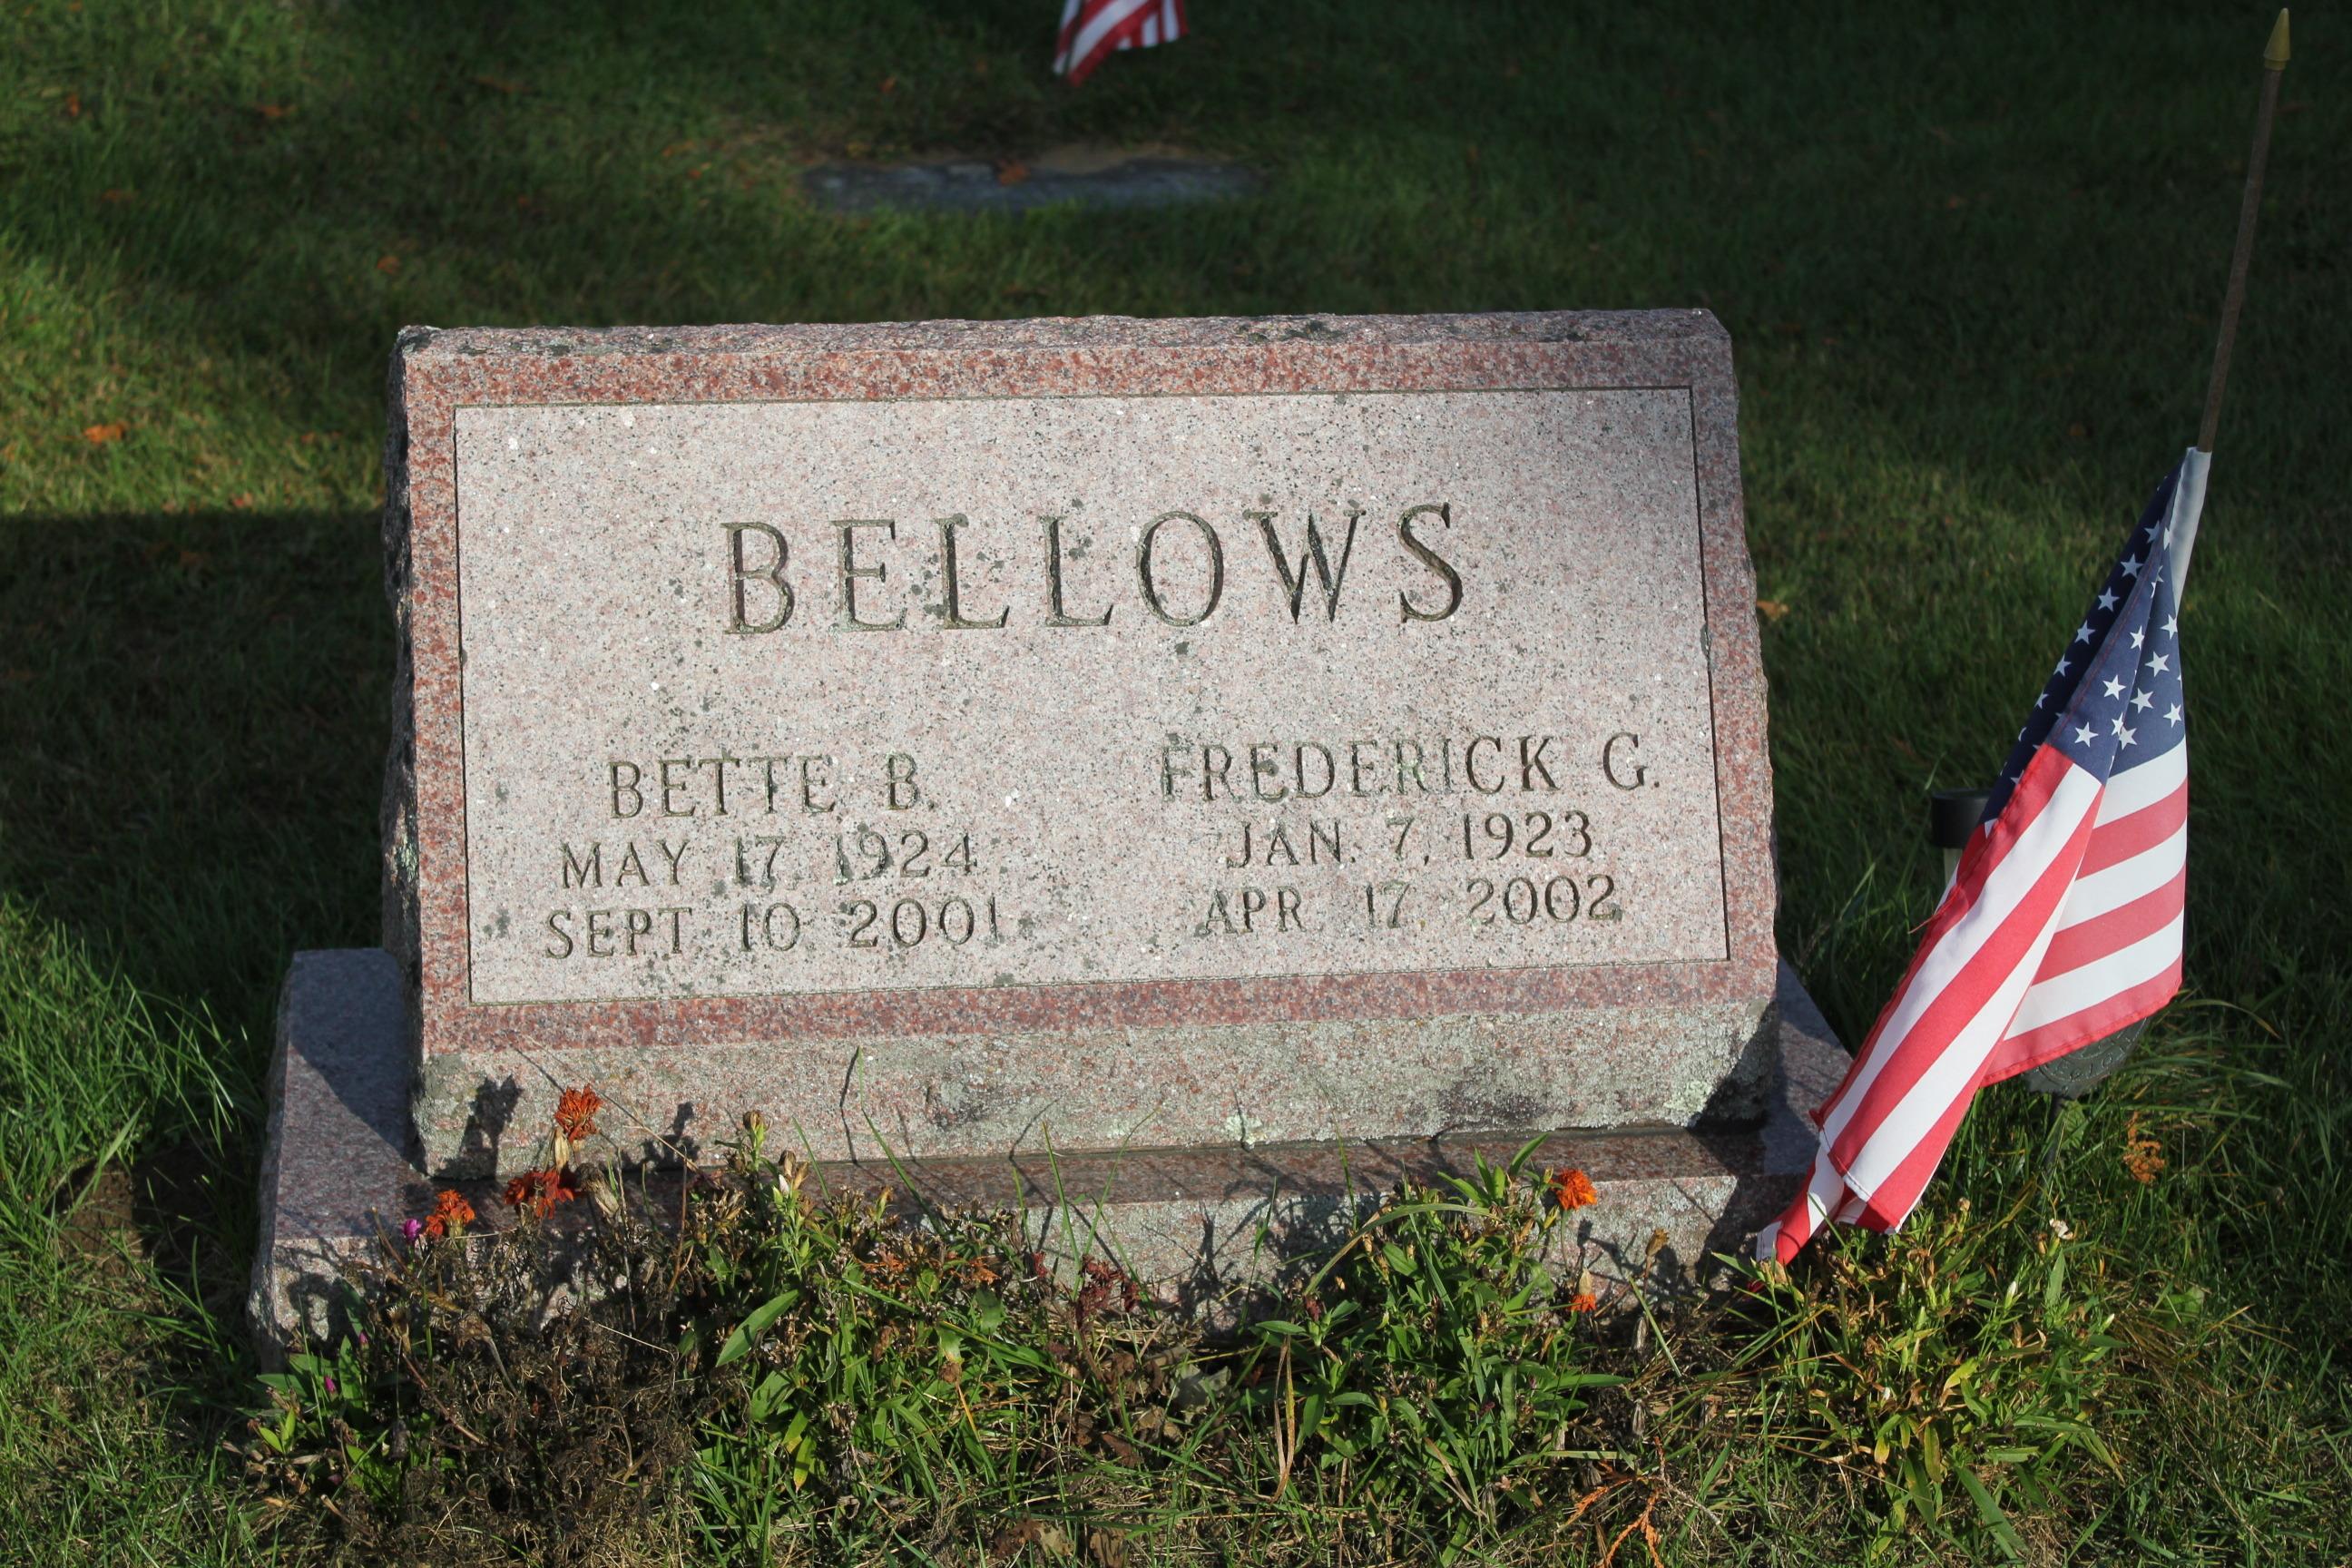 Frederick Giddings Bellows